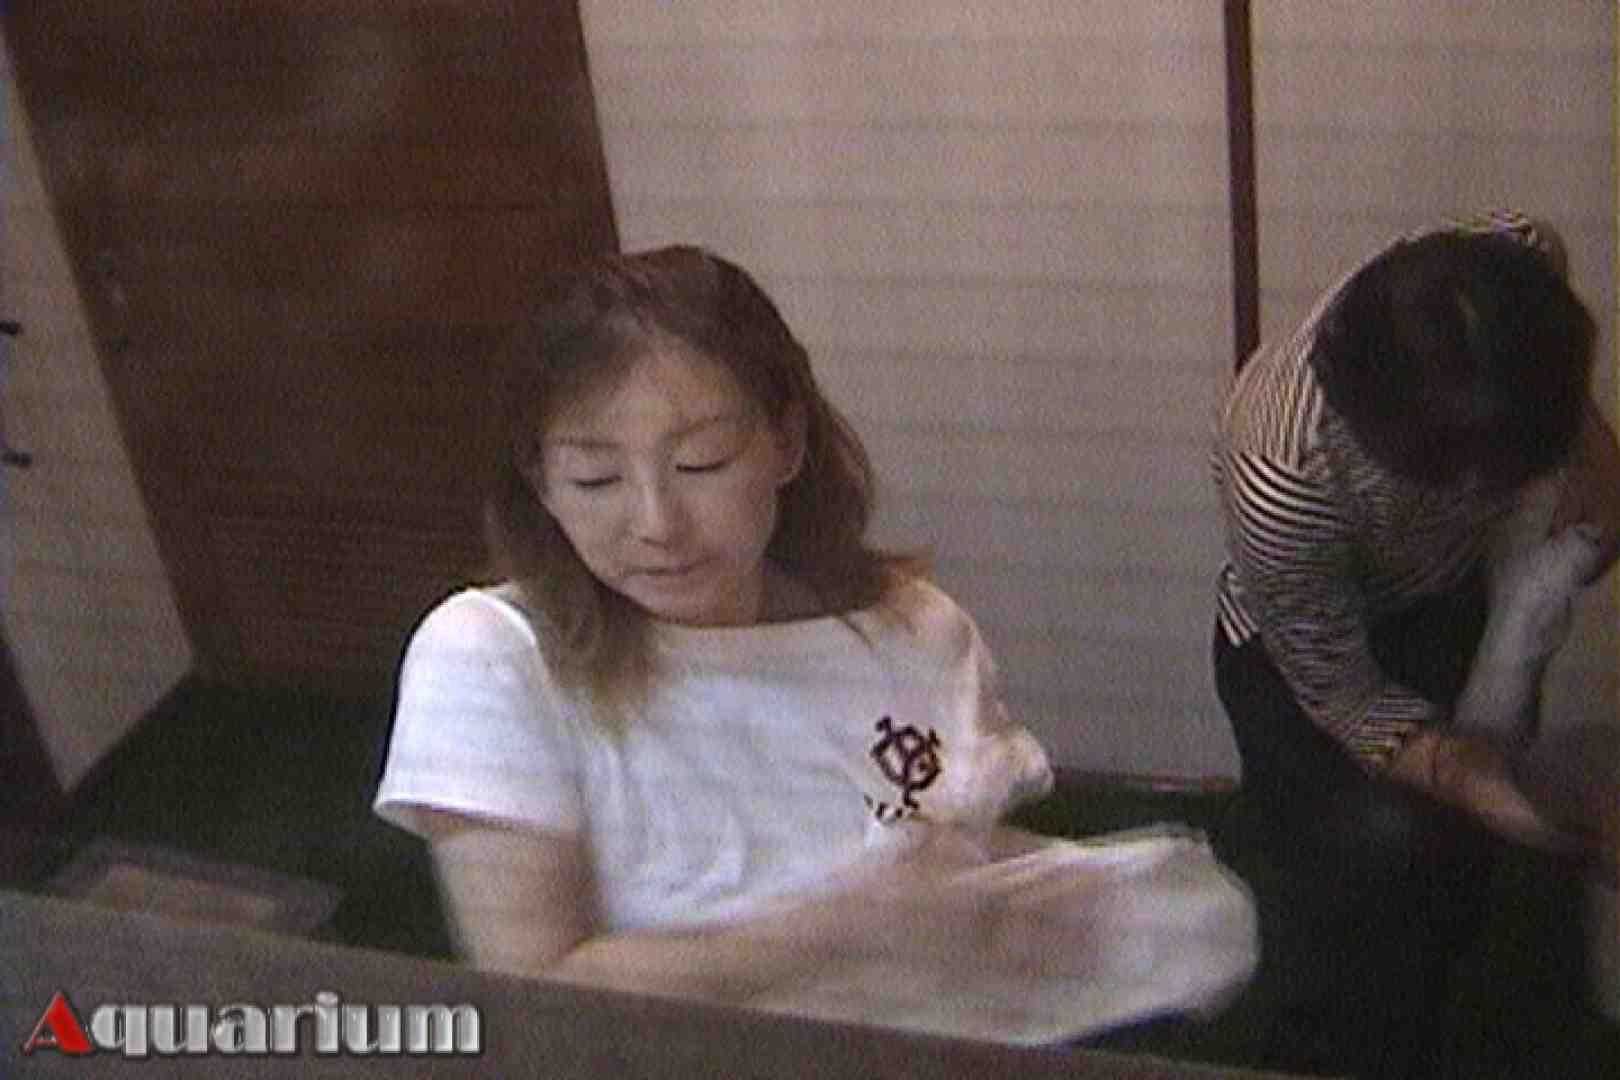 旅館脱衣所お着替え盗撮 Vol.03 着替えシーン えろ無修正画像 97連発 3